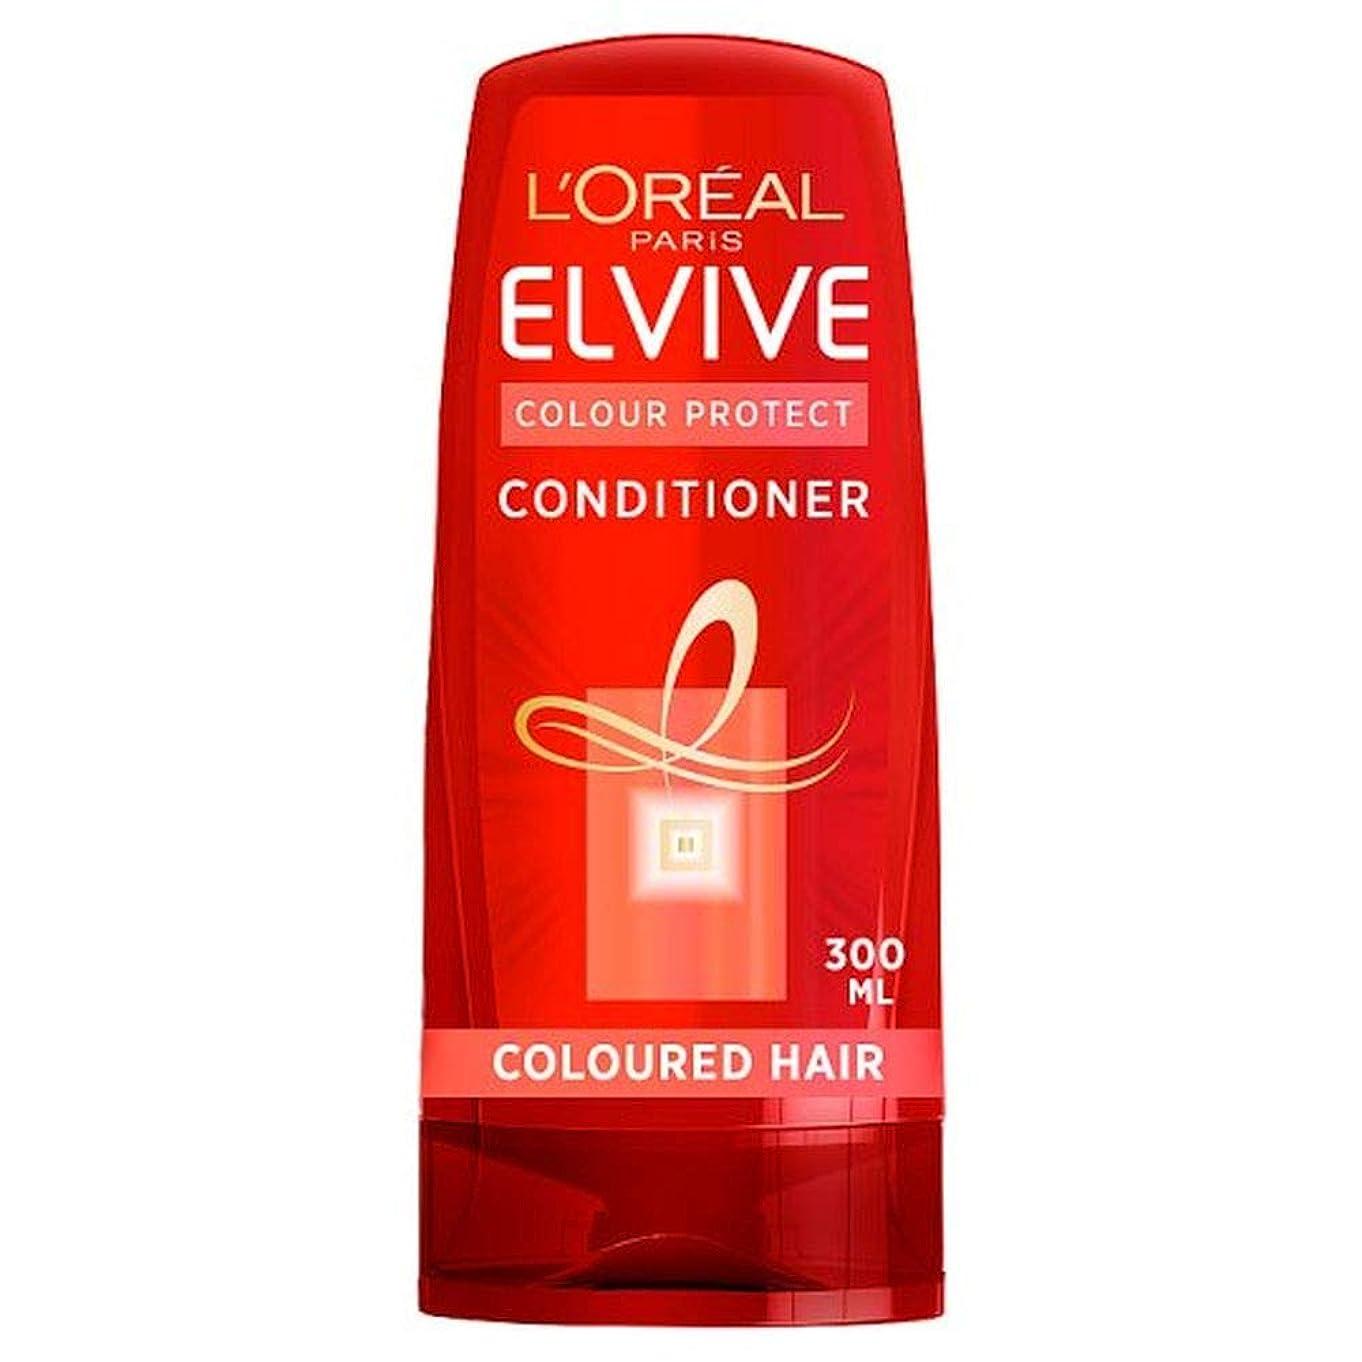 つかむ編集する異常[Elvive] ロレアルElvive色の保護ヘアコンディショナー300ミリリットル - L'oreal Elvive Coloured Protection Hair Conditioner 300Ml [並行輸入品]